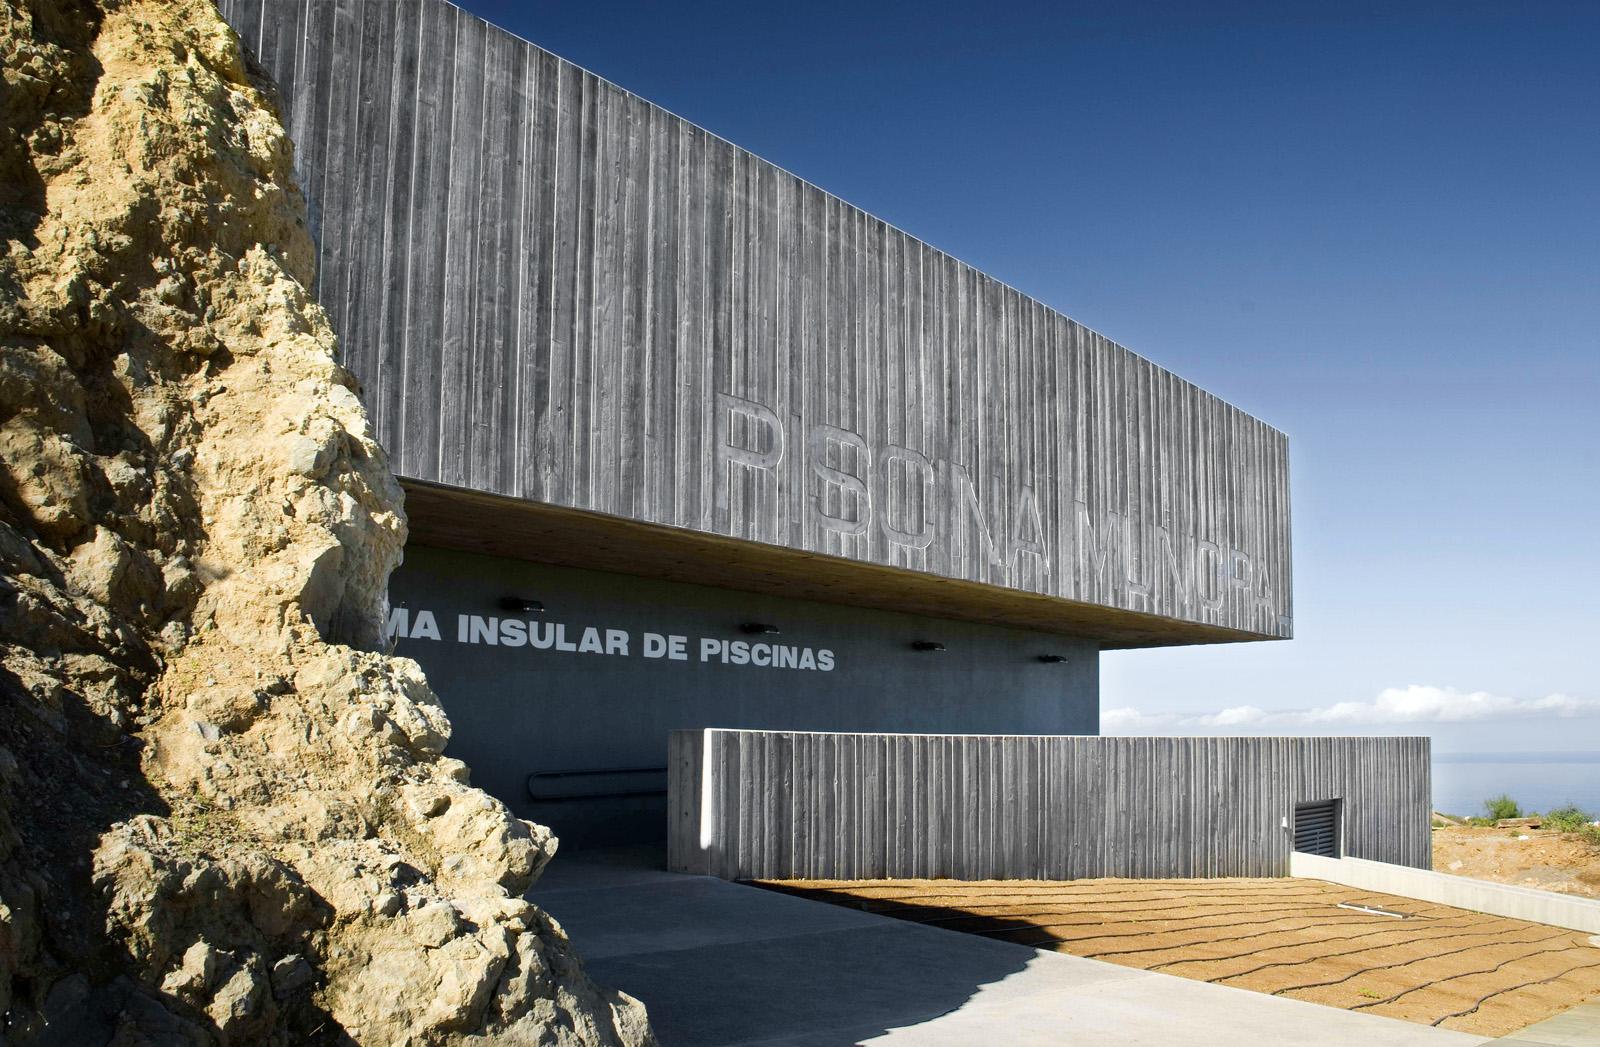 Diseño  exterior de edificio en hormigón junto a roca